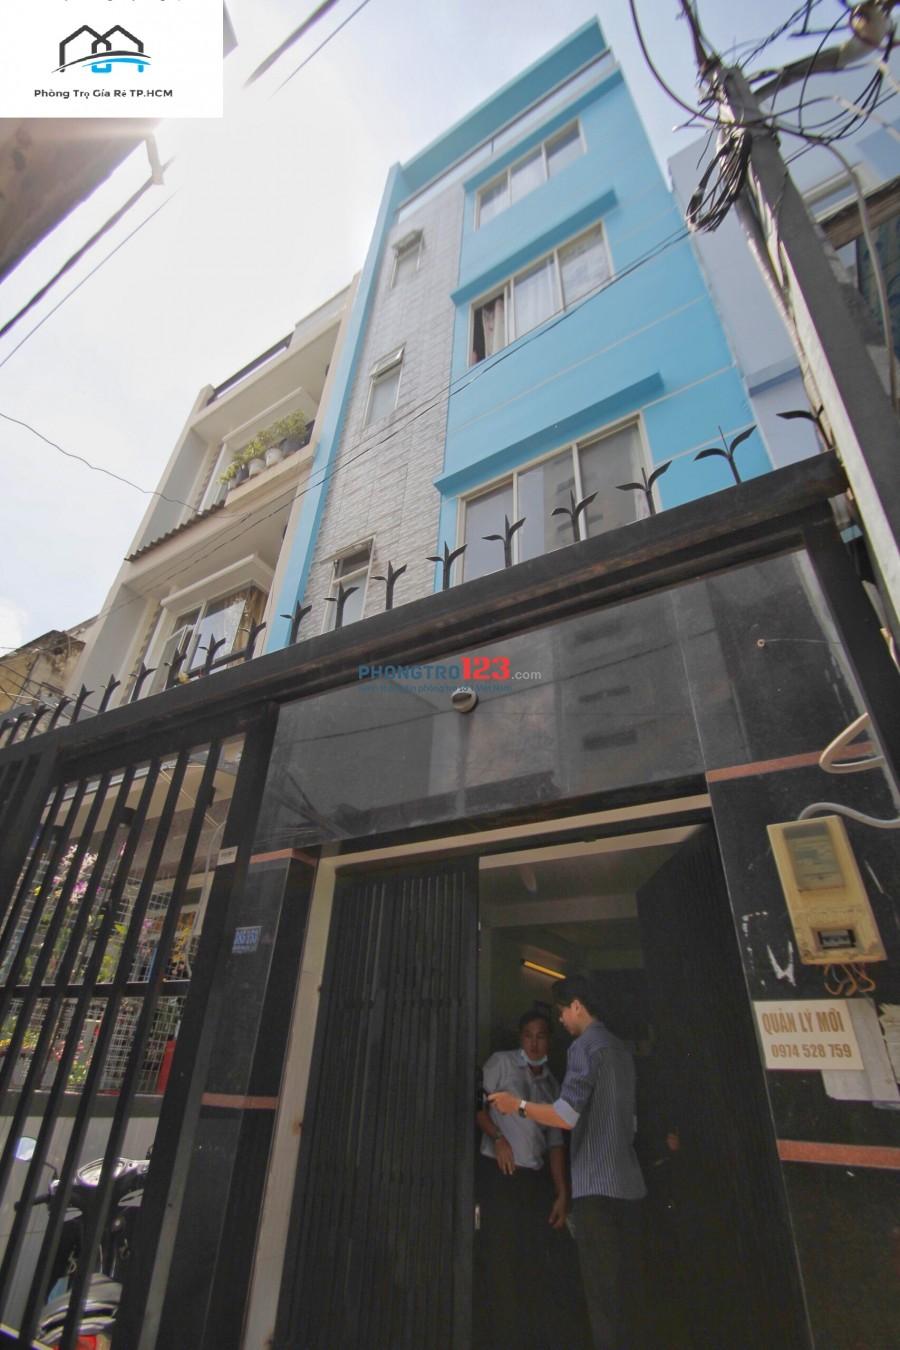 Cho thuê phòng trọ tại đường Nguyễn Công Trứ, #Quận1 Địa chỉ : Số 385/153 Nguyễn Công Trứ, P. Cầu Ông Lãnh, Quận 1